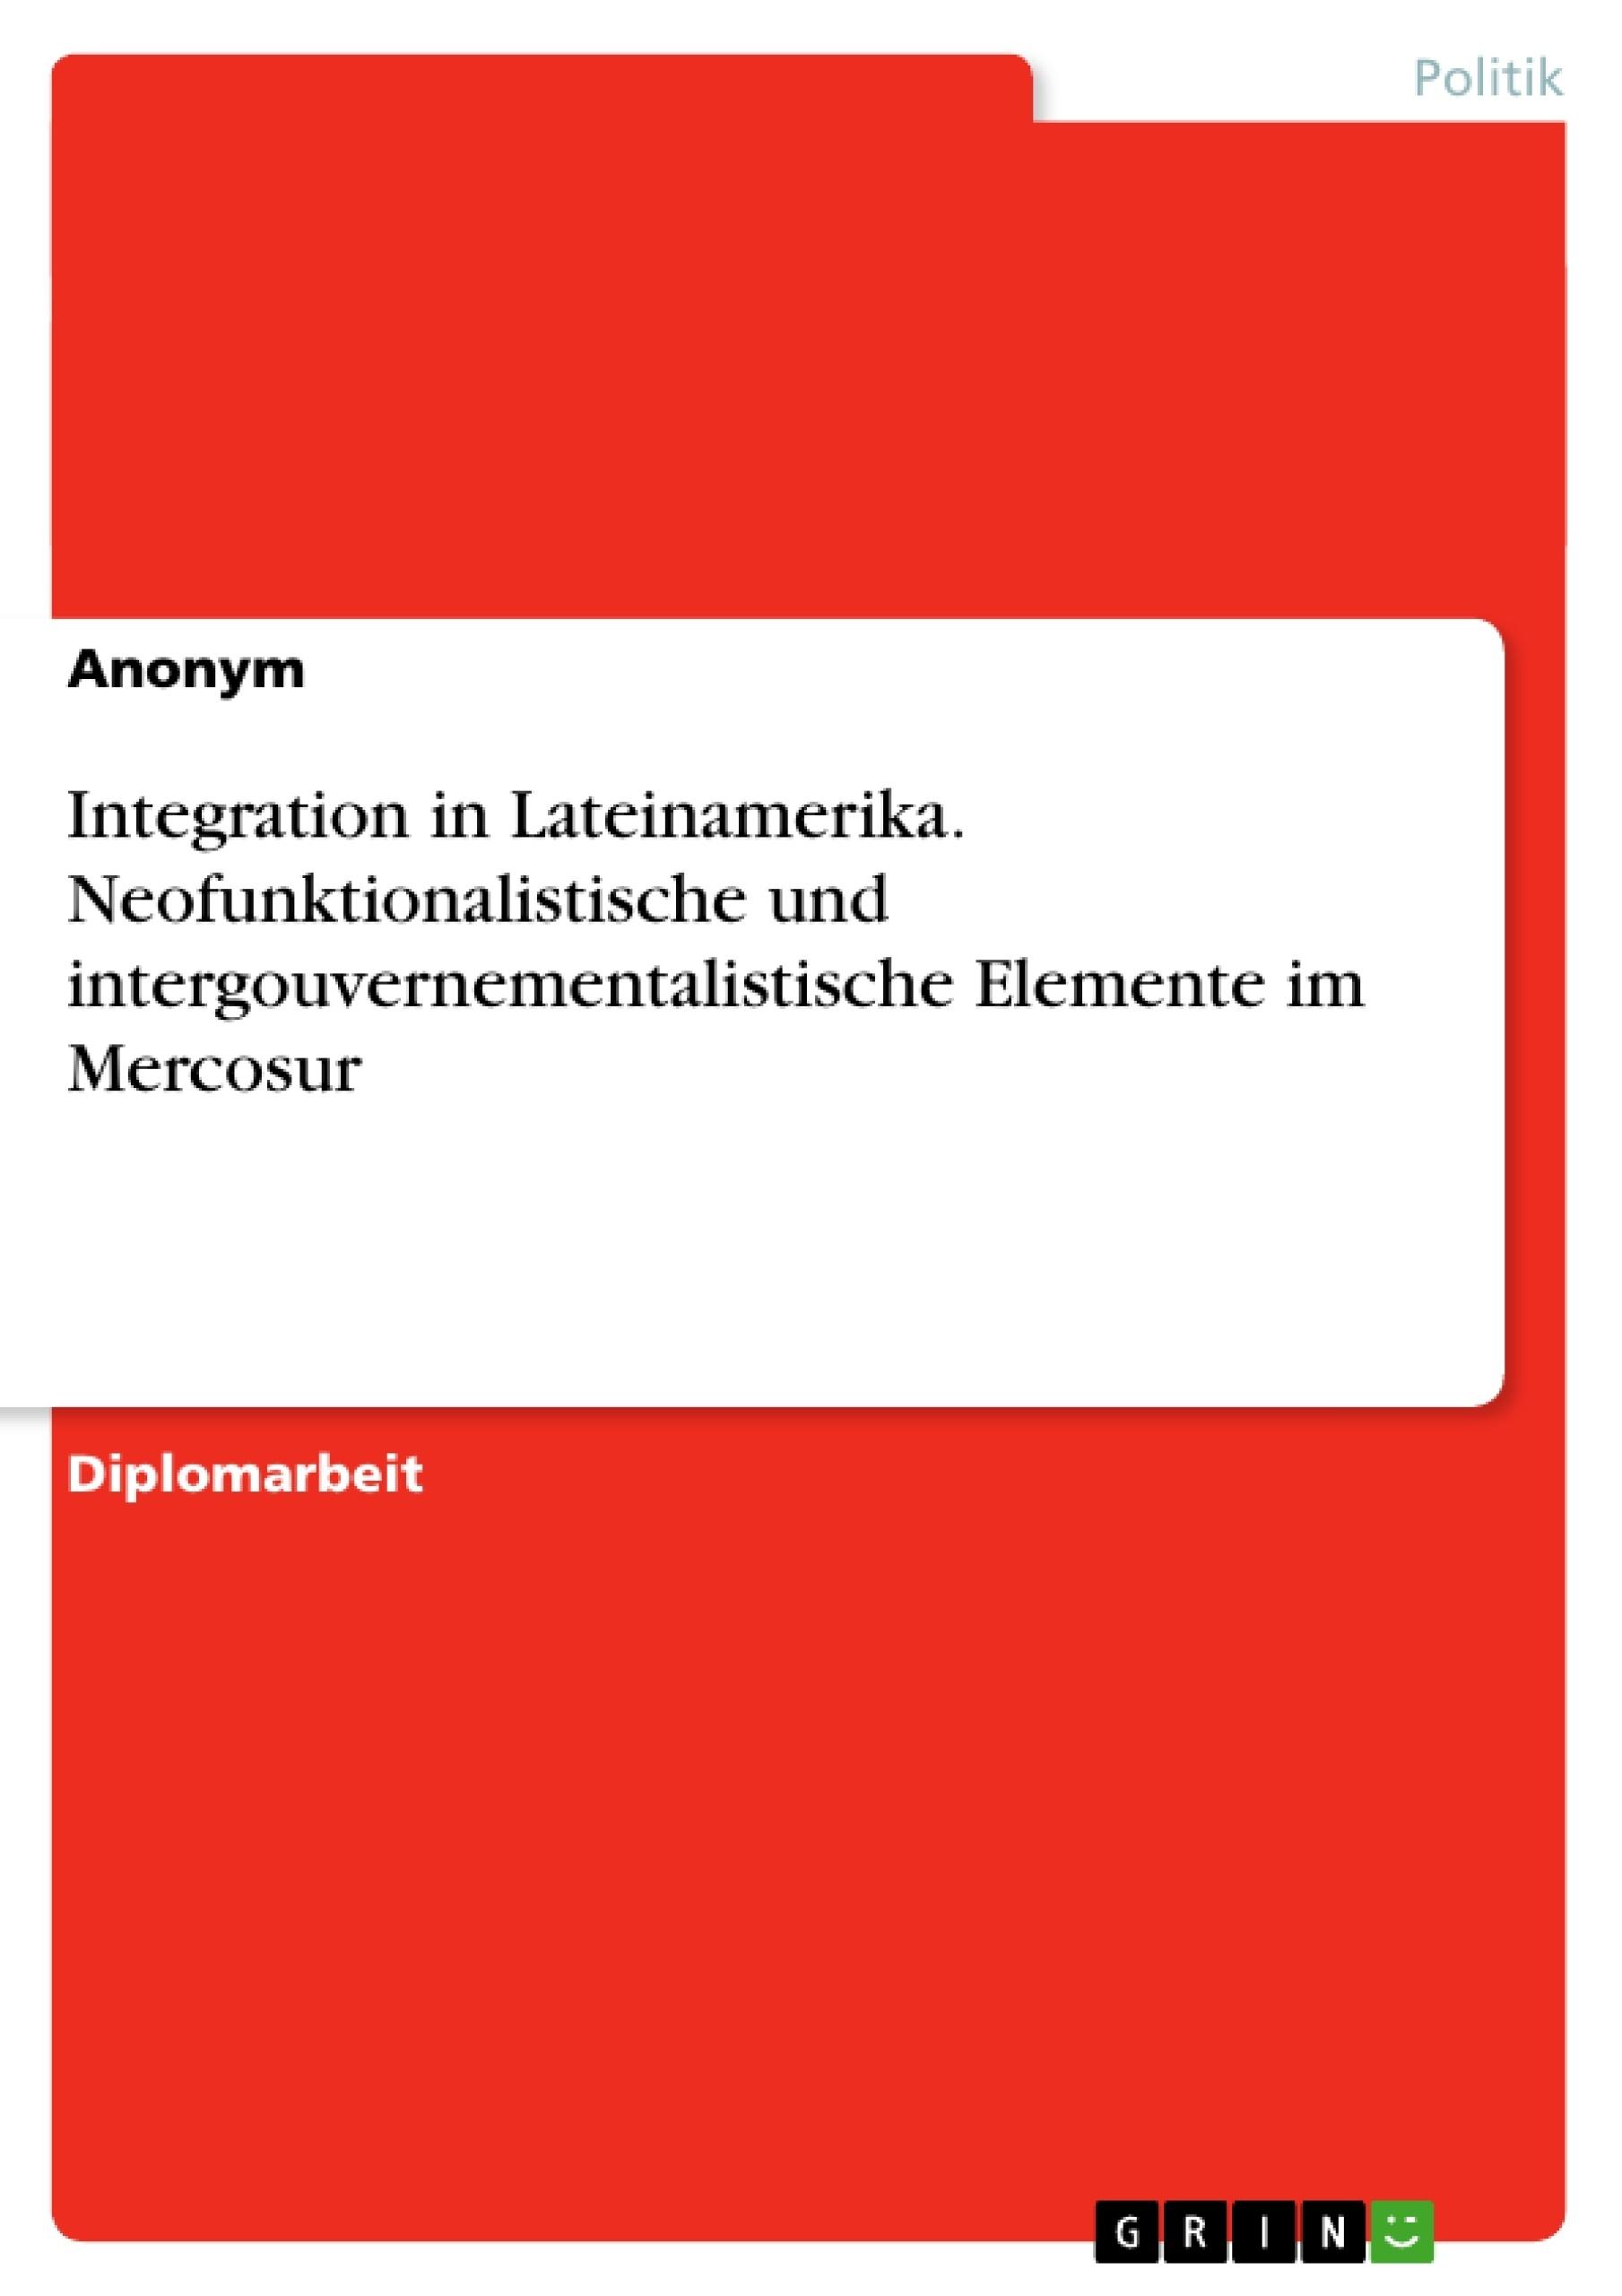 Titel: Integration in Lateinamerika. Neofunktionalistische und intergouvernementalistische Elemente im Mercosur